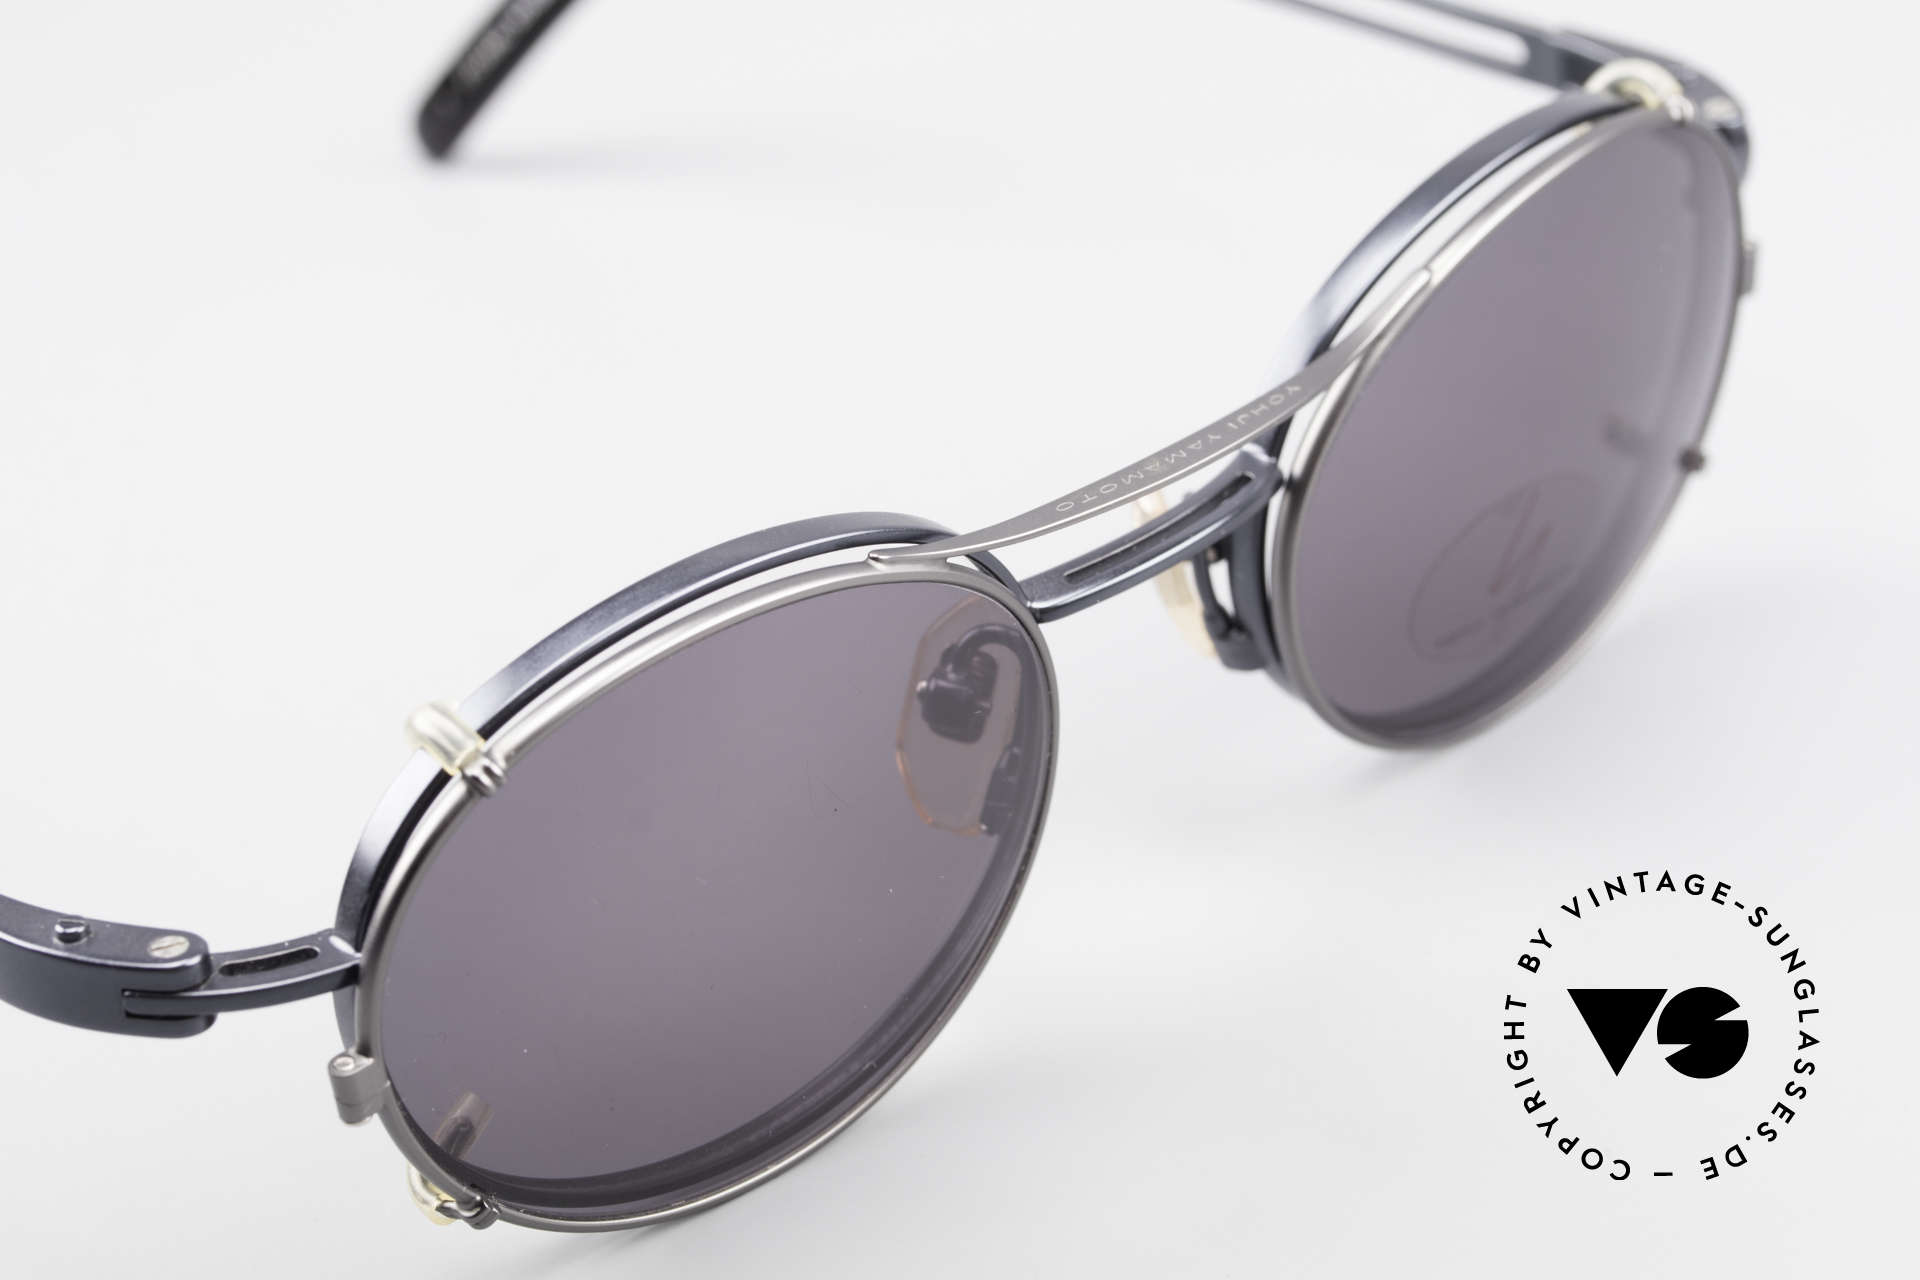 Yohji Yamamoto 51-6106 Clip On Brille Oval Blau Metall, ein altes Yamamoto Original, KEINE neue Retromode!, Passend für Herren und Damen